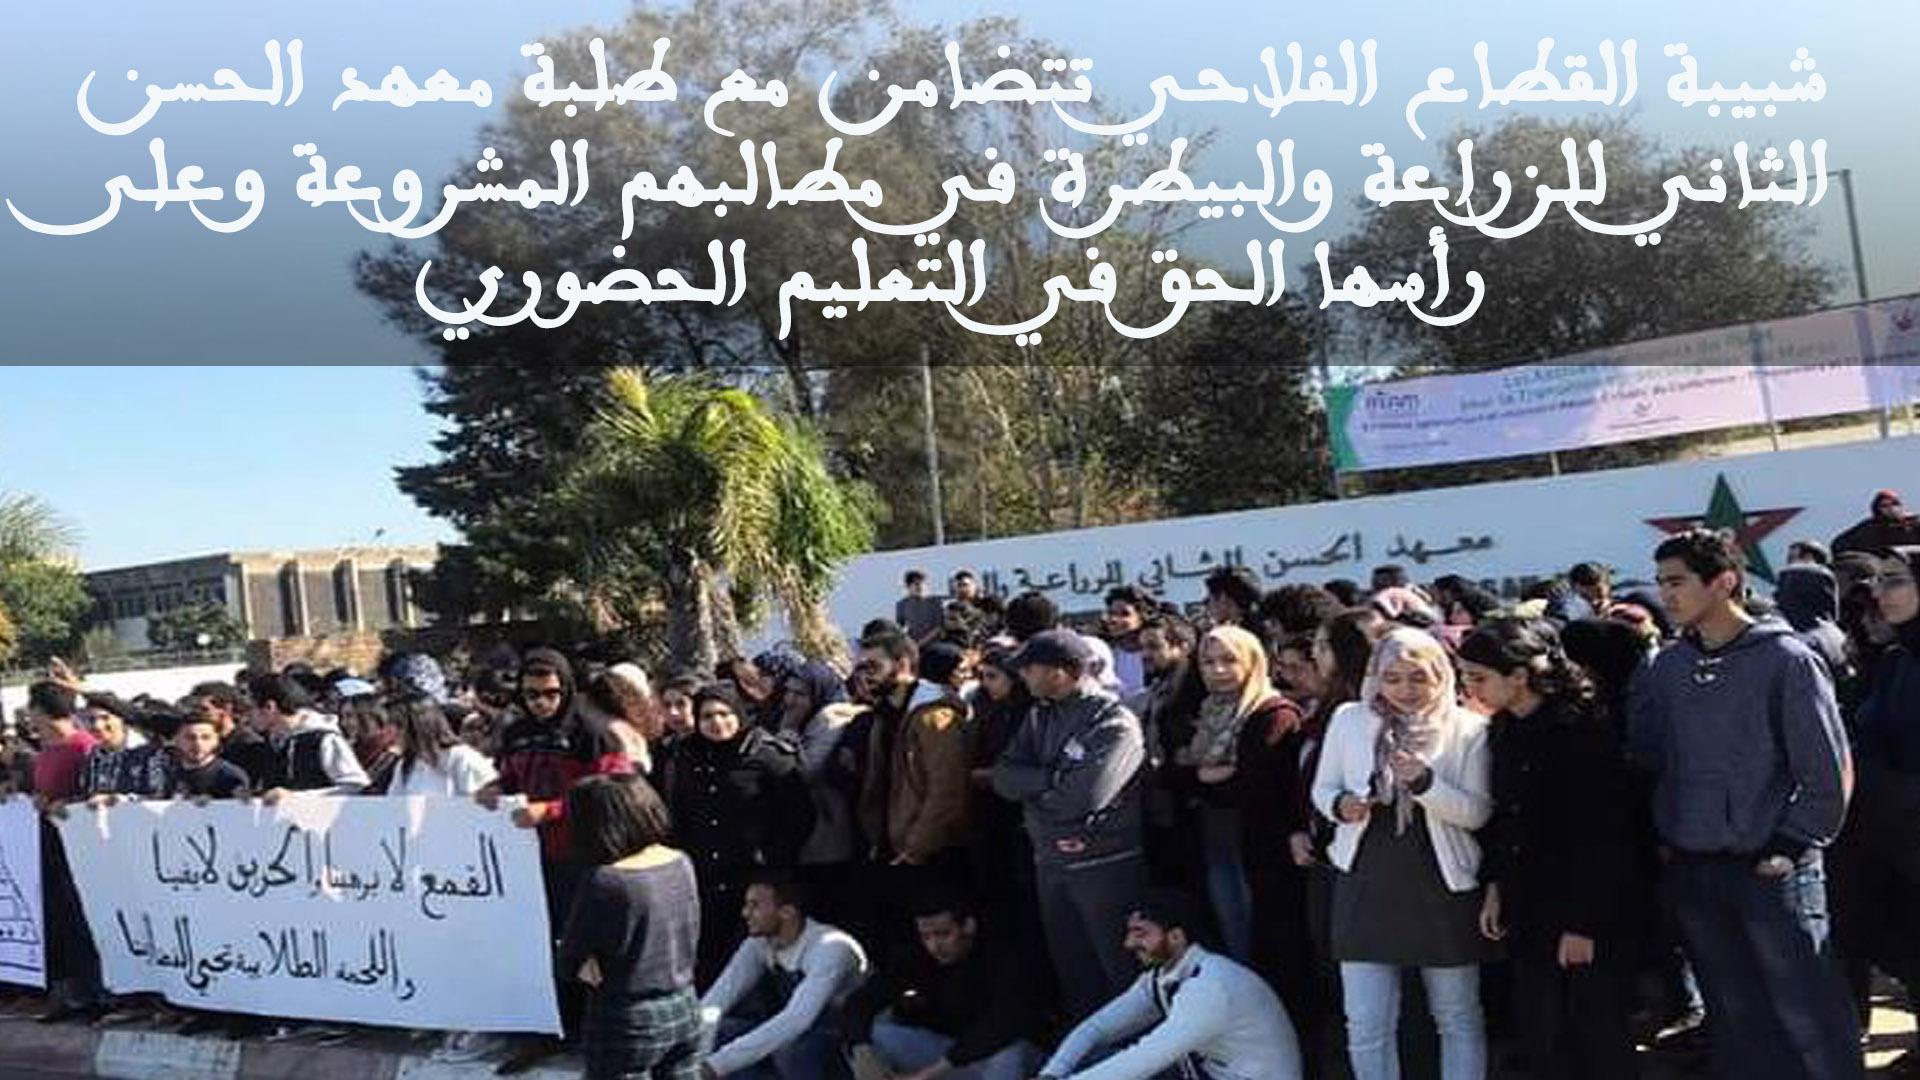 وقفة احتجاجية سابقة لطلبة معهد الحسن الثاني للزراعة والبيطرة